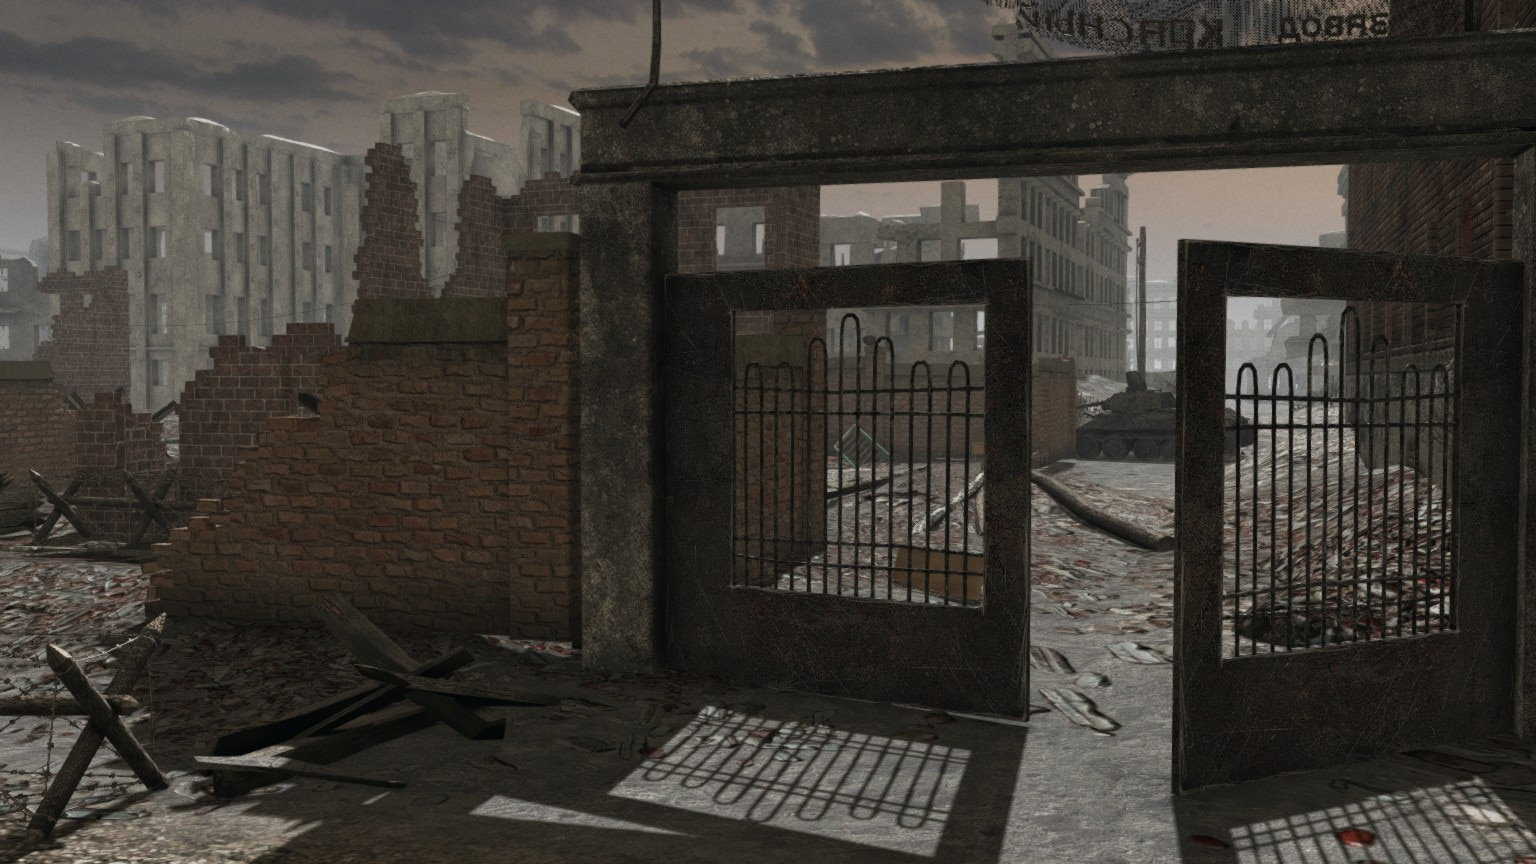 Stalingrad 1942 (CtA: GoH — 1.003.0, 1.004.0) (v13.06.2021)